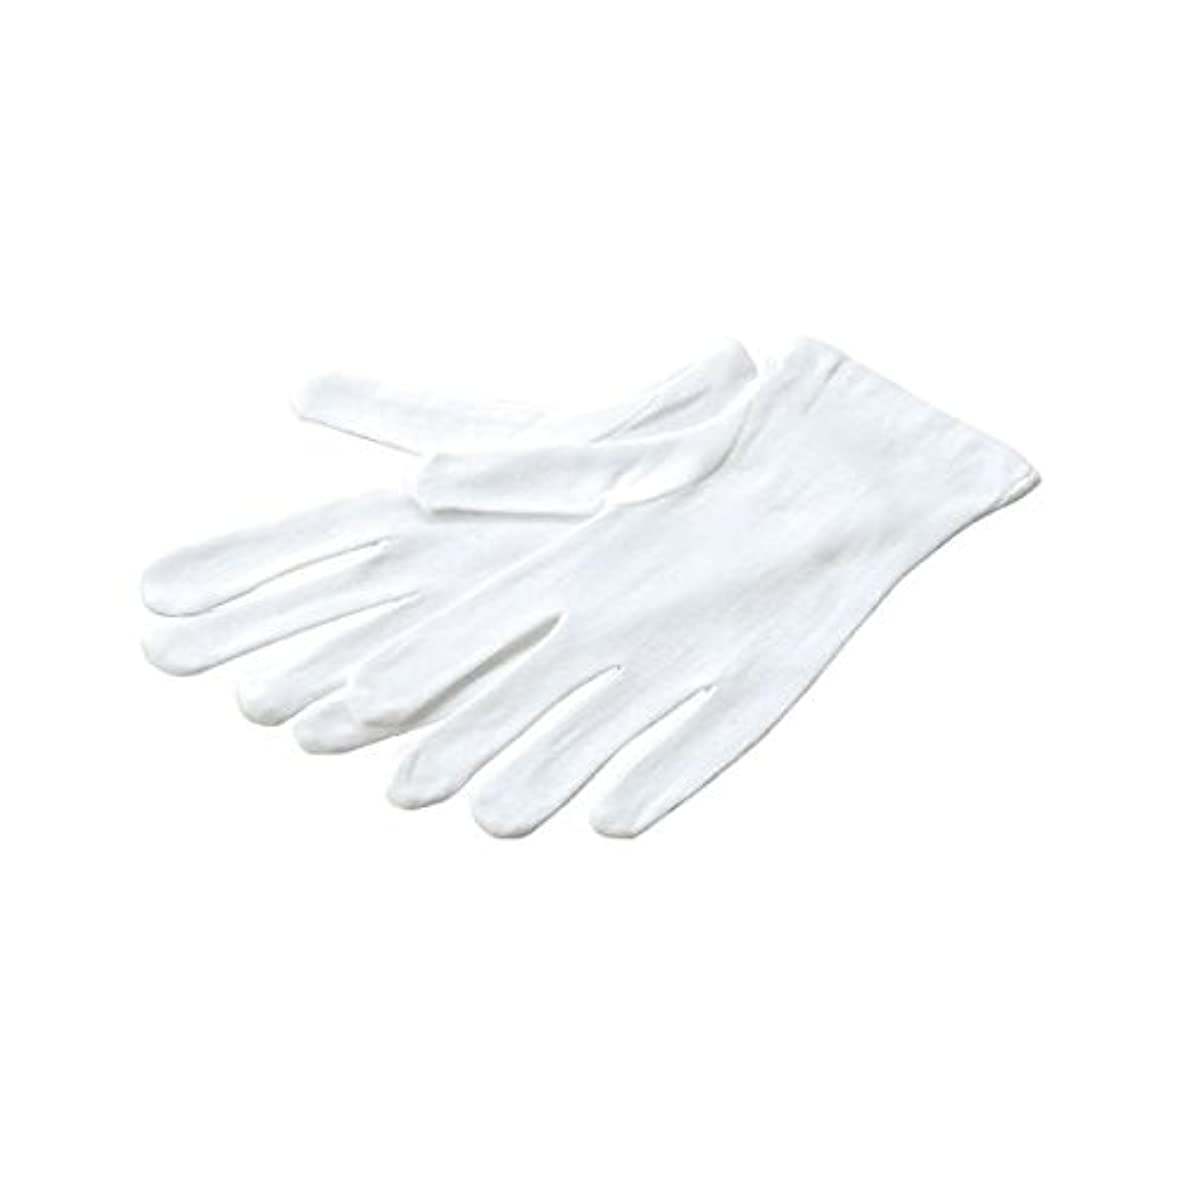 セール報奨金世代ミタニコーポレーション 品質管理用手袋スムス マチナシ 210080 12双入 【×5セット】